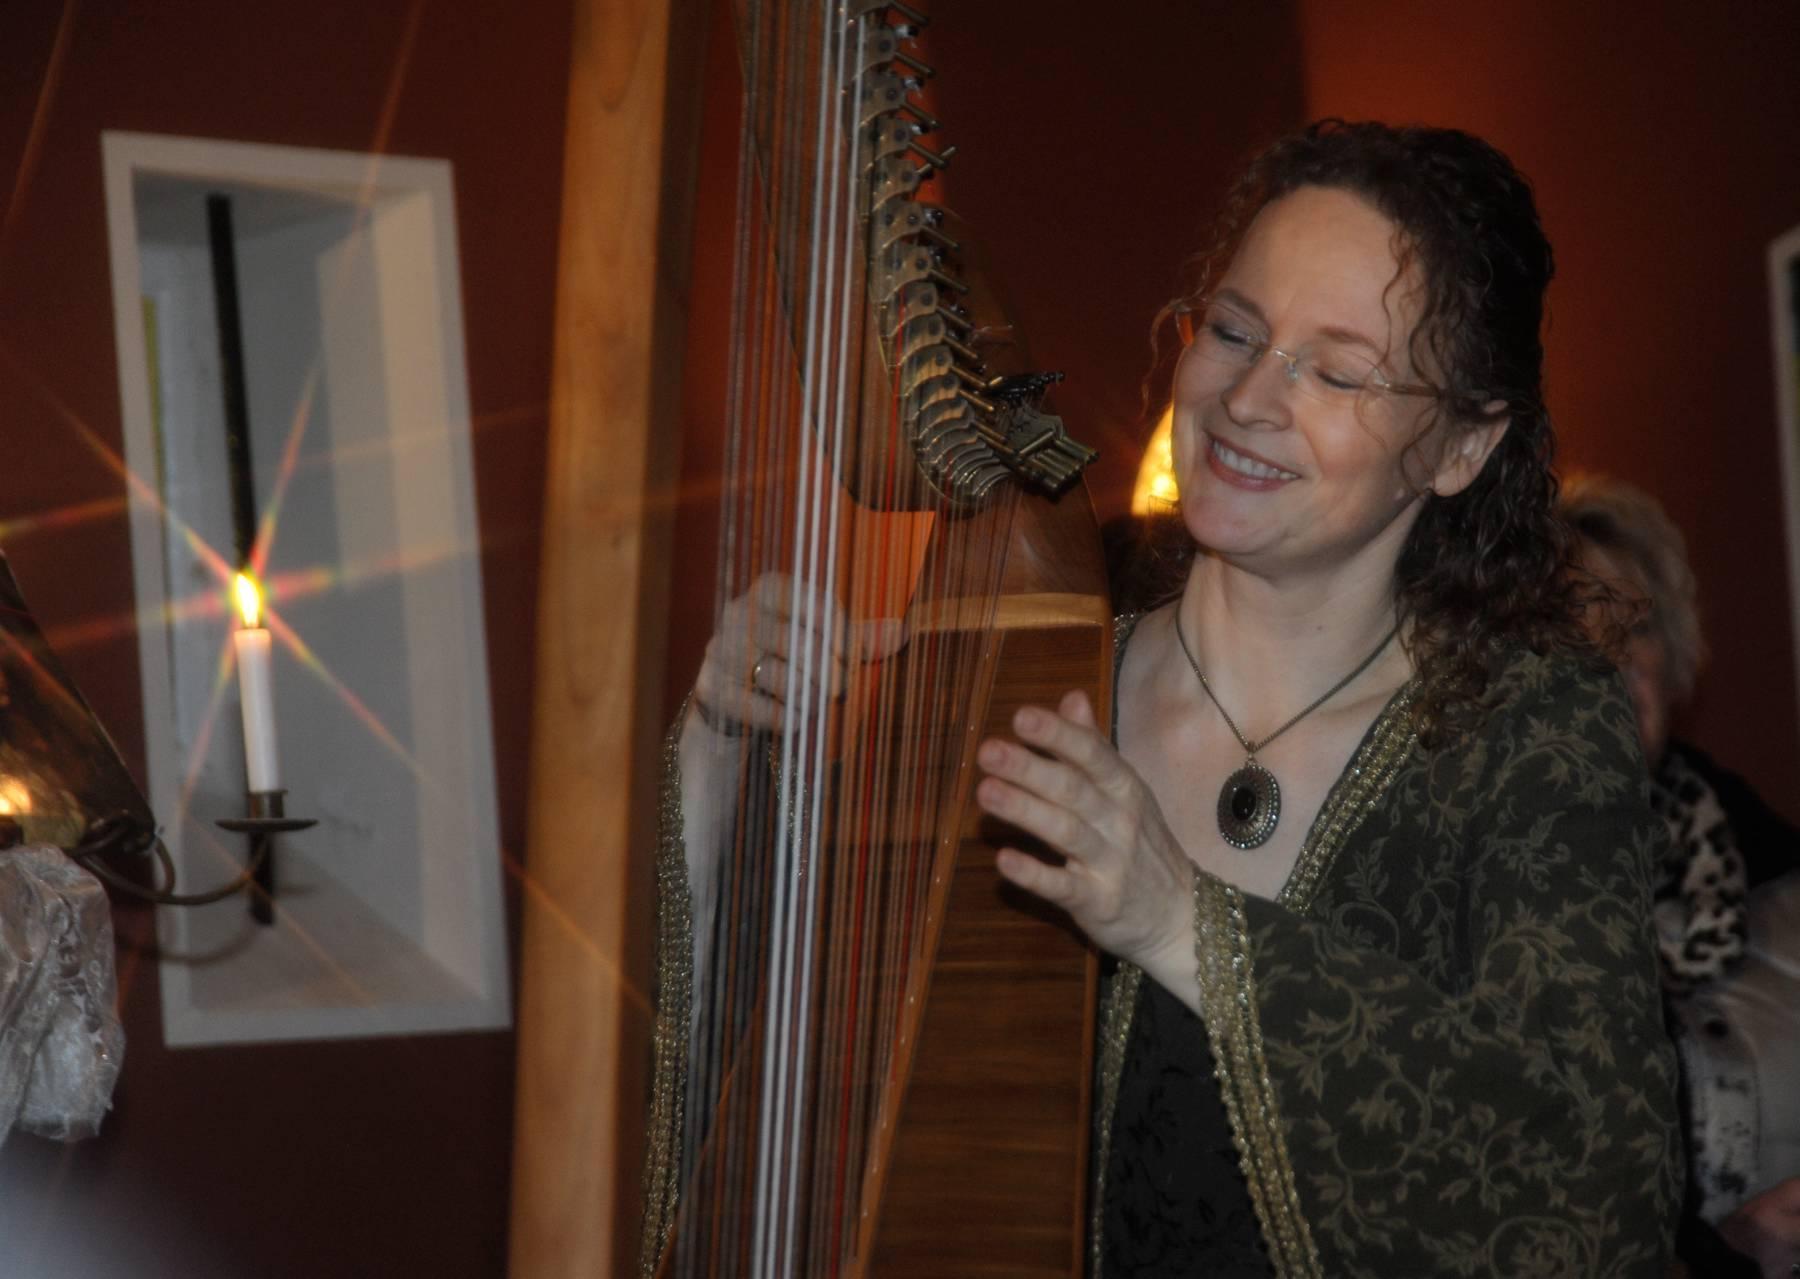 Märchenerzähler  Märchenerzähler   Harfe Instrument Musikinstrumet  Klang            Brigtitte Hagen erzählte Märchen, während Heike Tönjes die Vorträge mit ihrem einfühlsamen Harfenspiel begleitete. Märchen